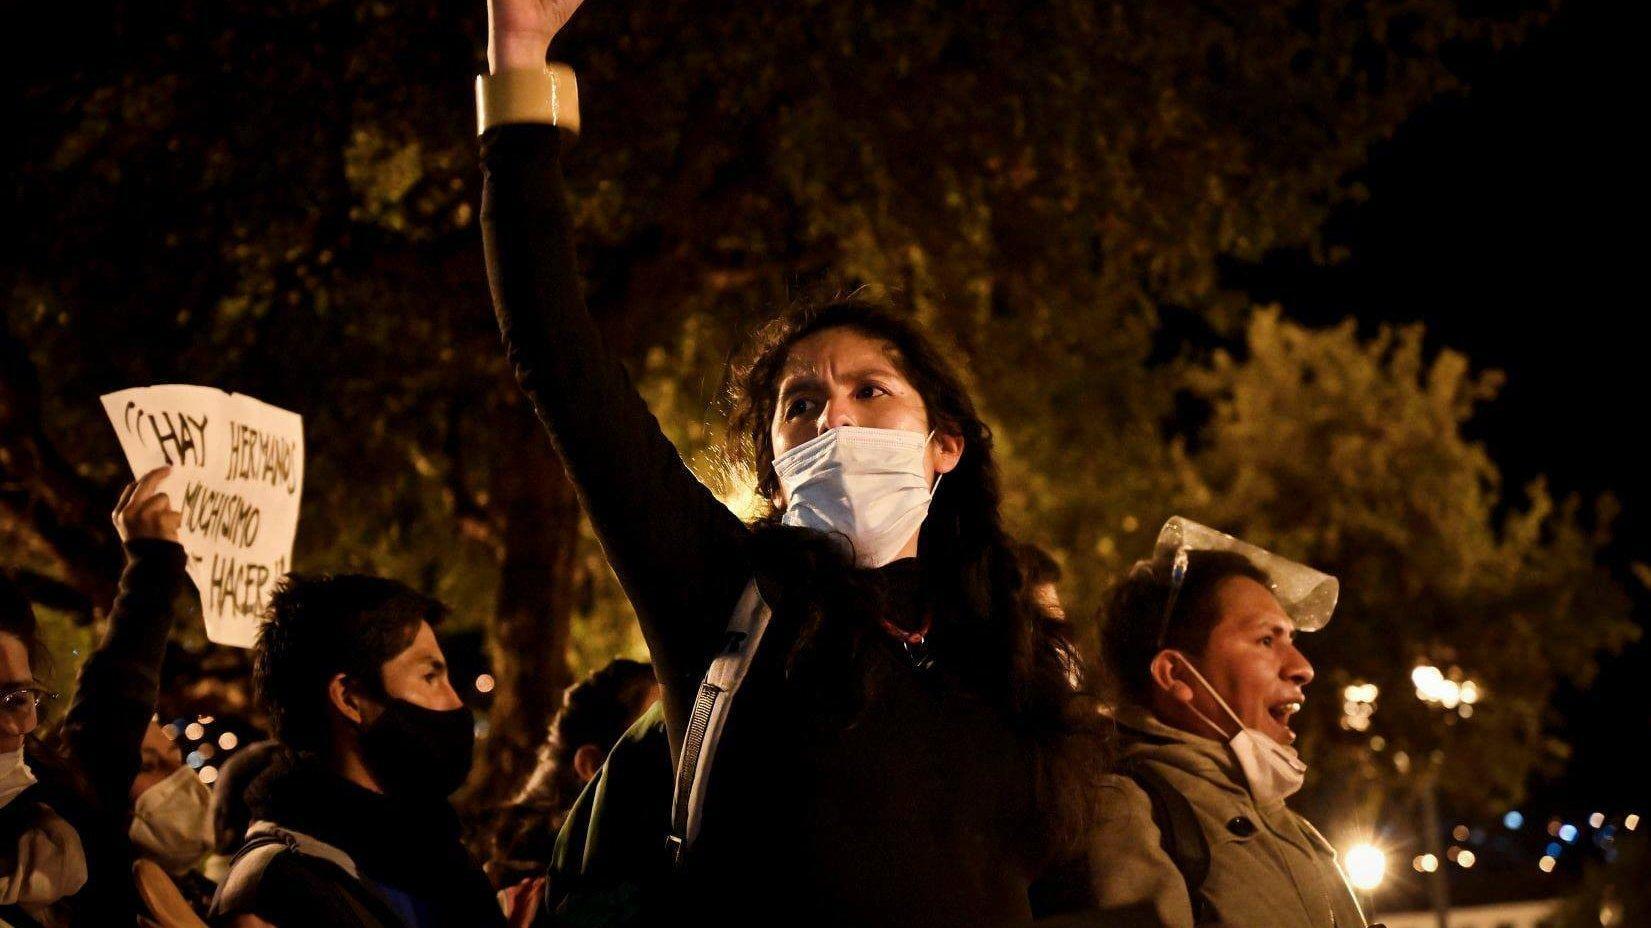 Junge schwarzgekleidete Frau mit weißem Mundschutz hält Hand kämpferisch in die Höhe. Es ist Nacht. Im Hintergrund Bäume, Laternen und weitere Demonstrierende.